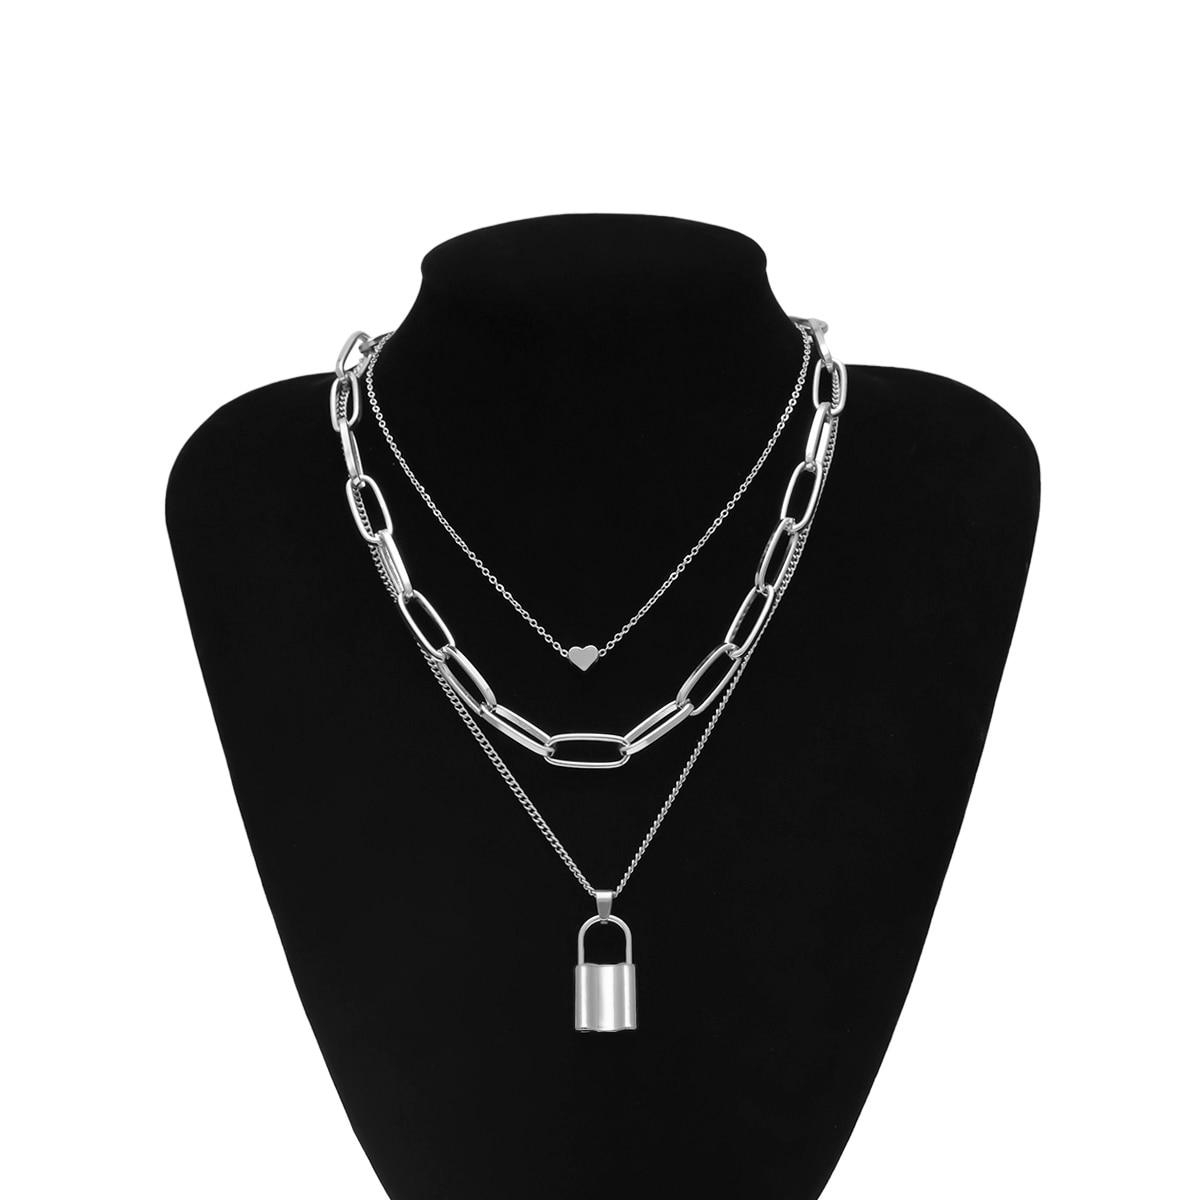 Ingemark, многослойная подвеска с замком для влюбленных, колье, ожерелье с замком в стиле стимпанк, цепочка с сердцем, колье, лучшее ювелирное изделие для пары, подарок - Окраска металла: Silver Color